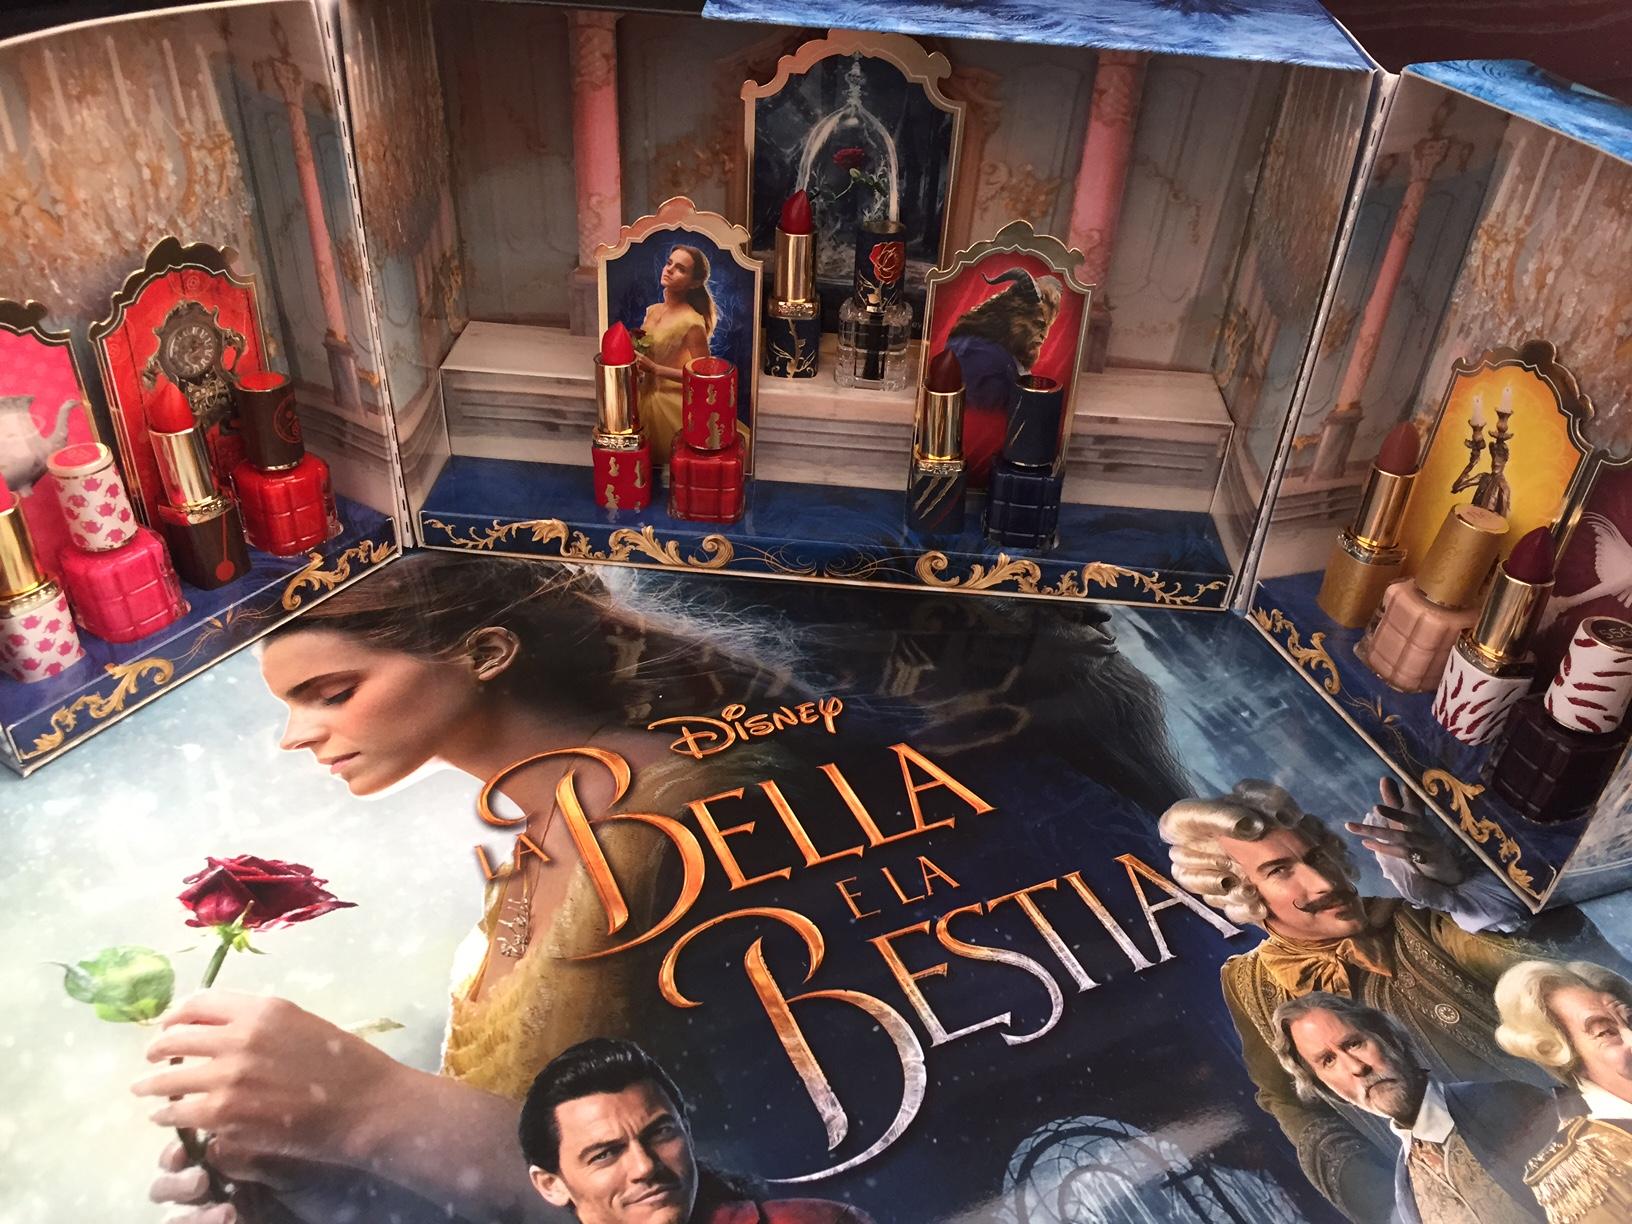 La Bella e la Bestia collezione rossetti smalti by L'Oréal makeup designer Paris